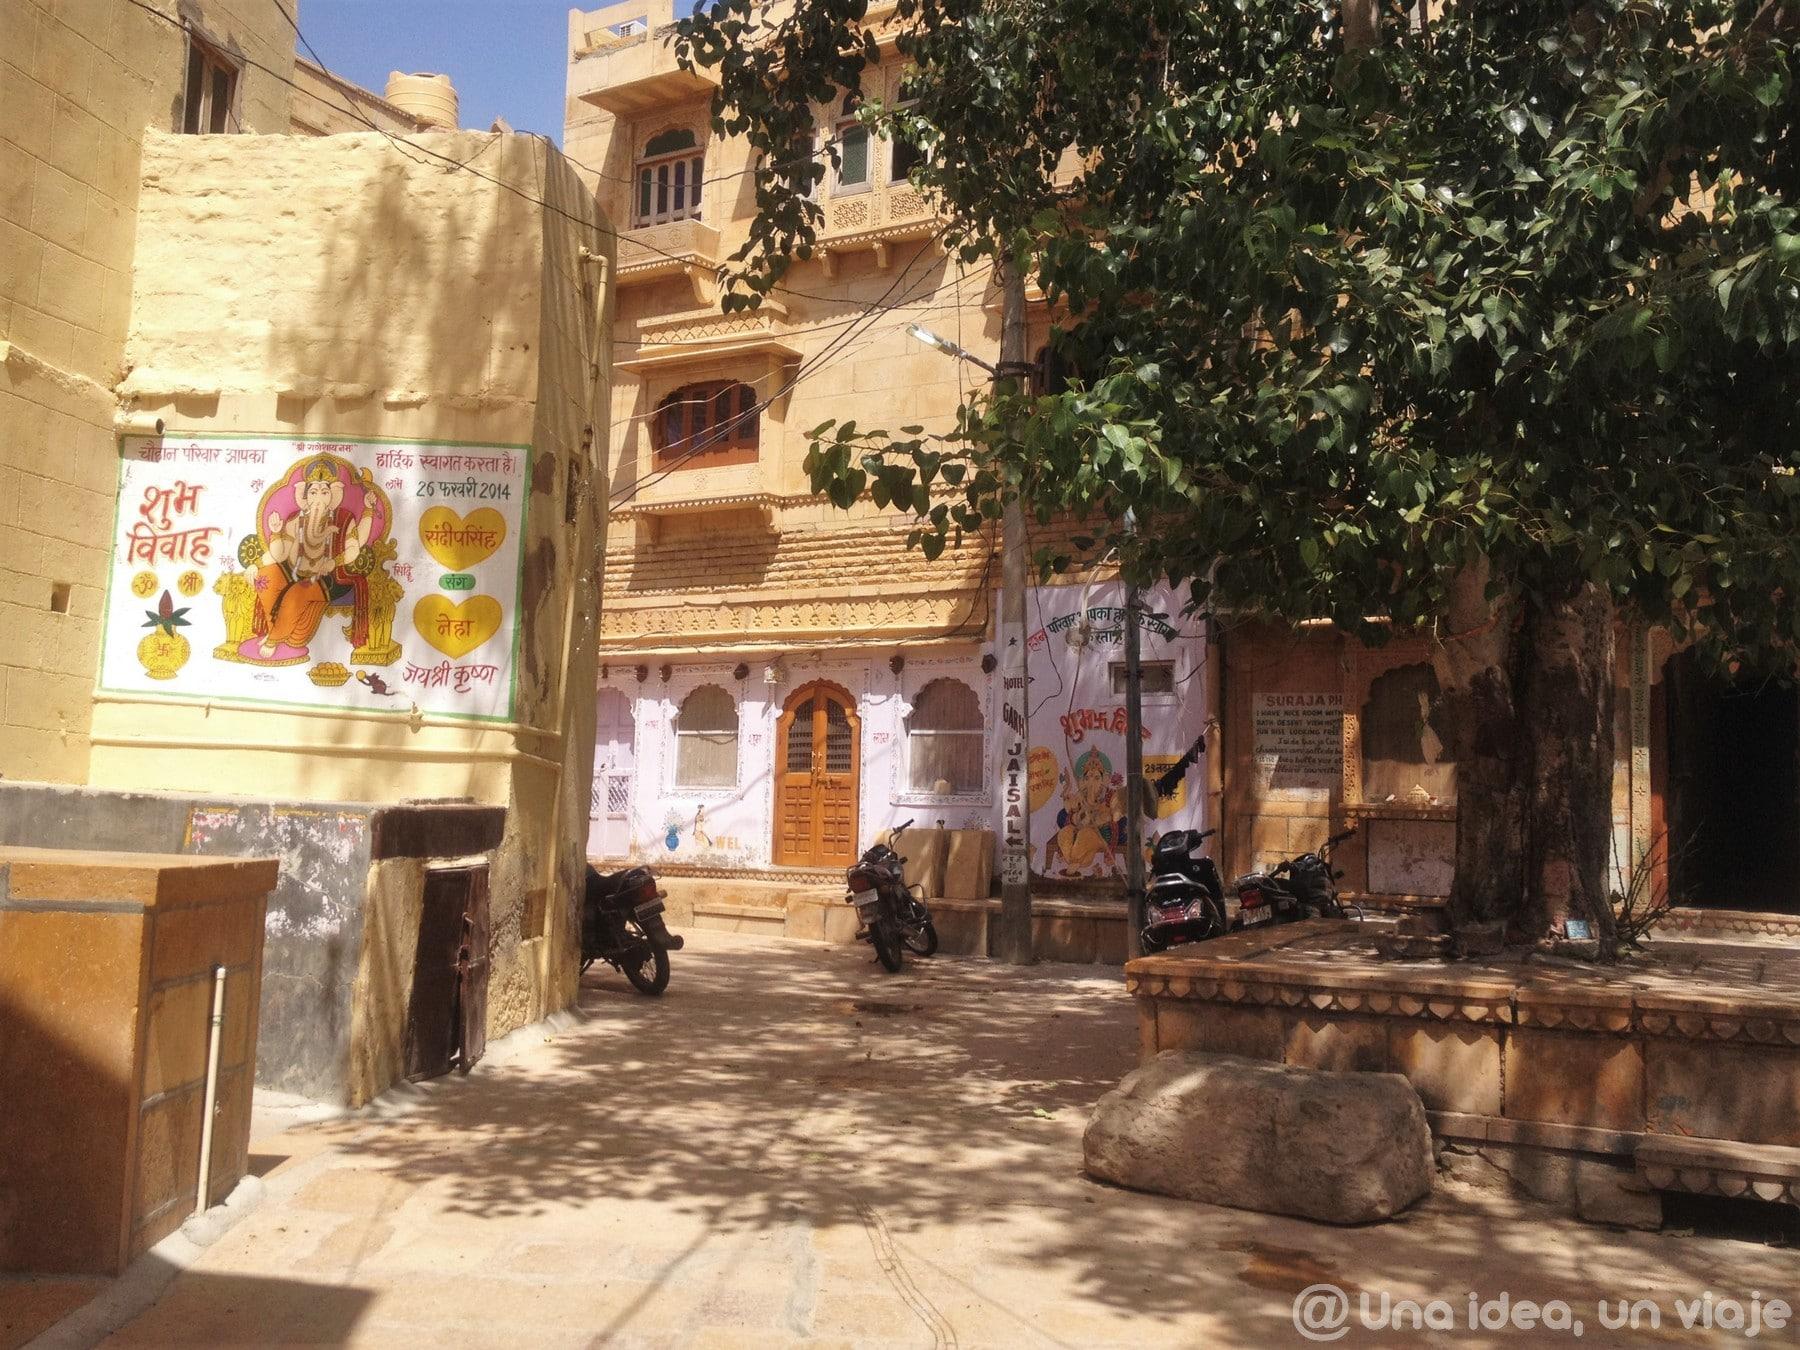 15-dias-viaje-rajastan-que-ver-jaisalmer-unaideaunviaje-05